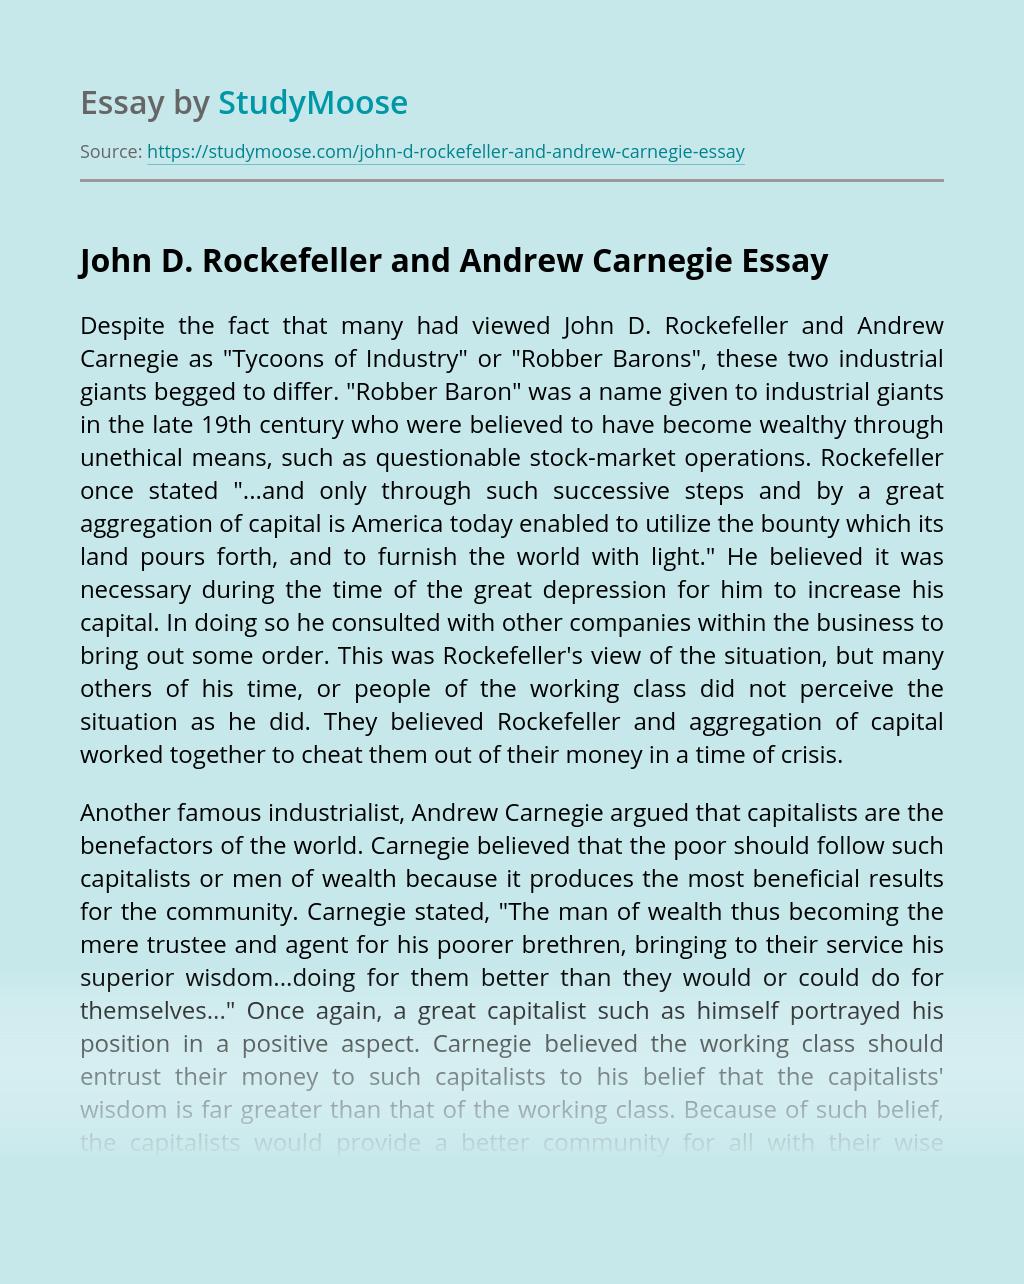 John D. Rockefeller and Andrew Carnegie